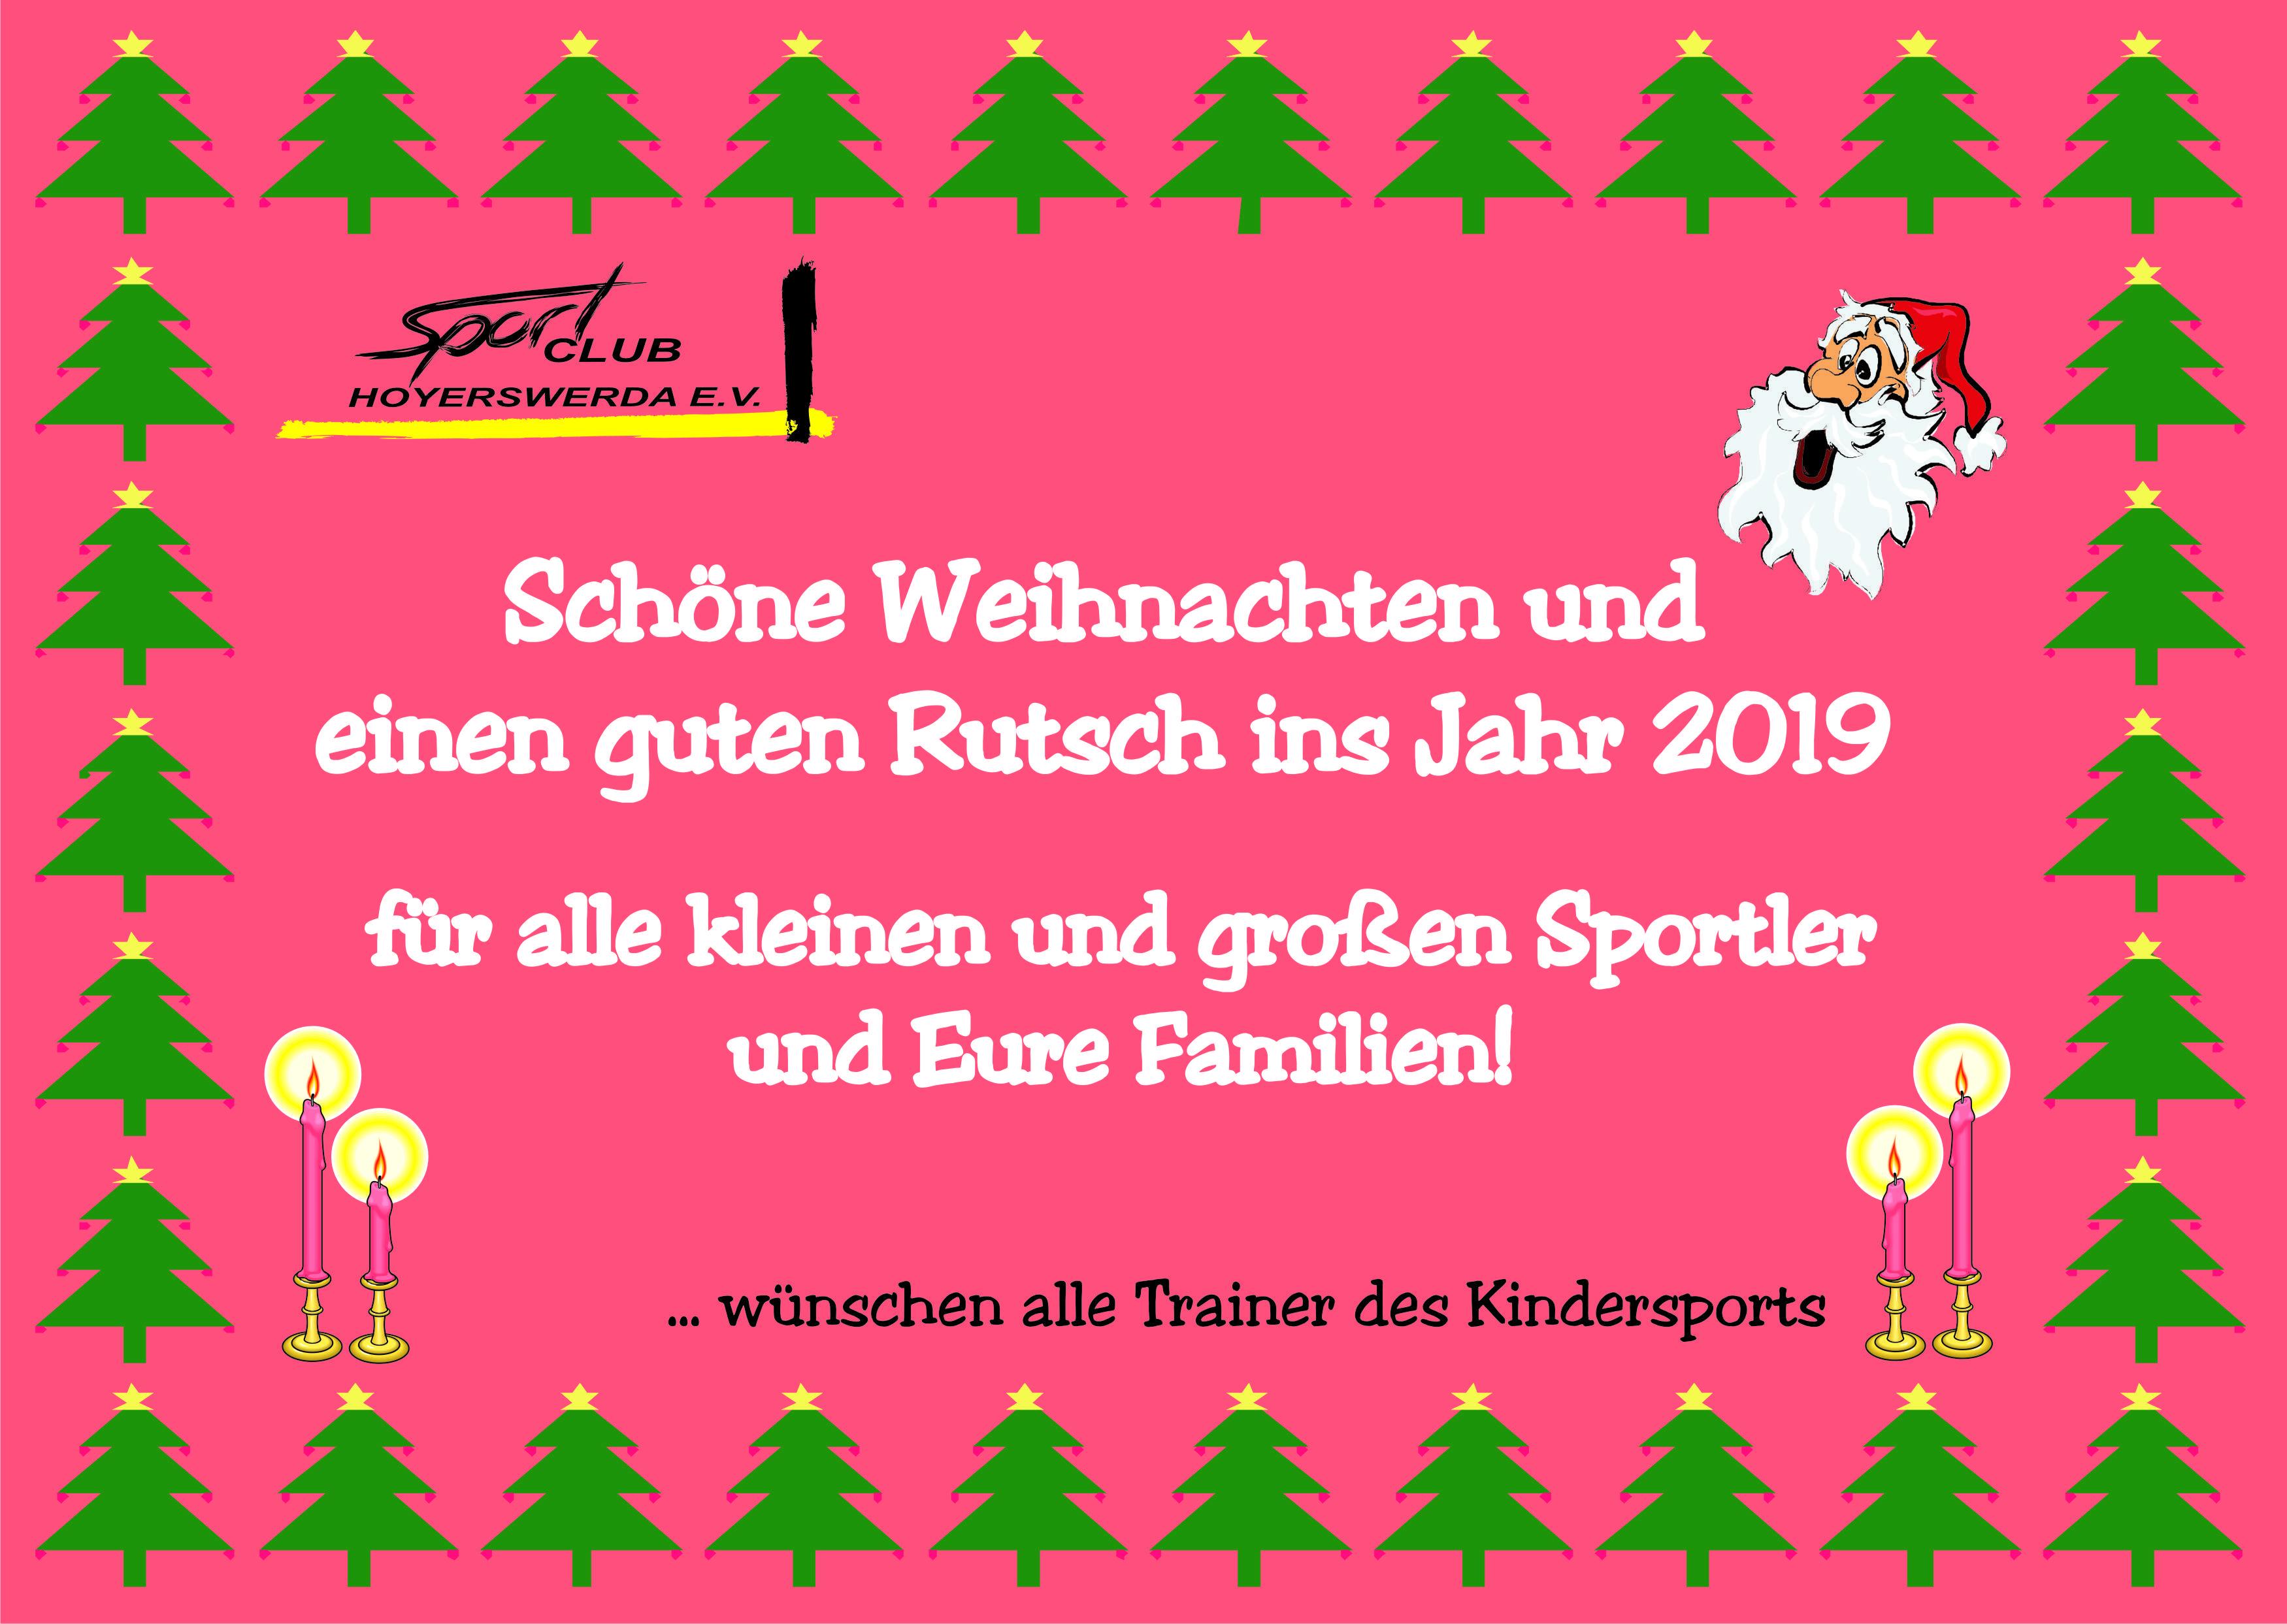 Weihnachtsgrüße Fussballtrainer.Weihnachtsgrüße Kindersport